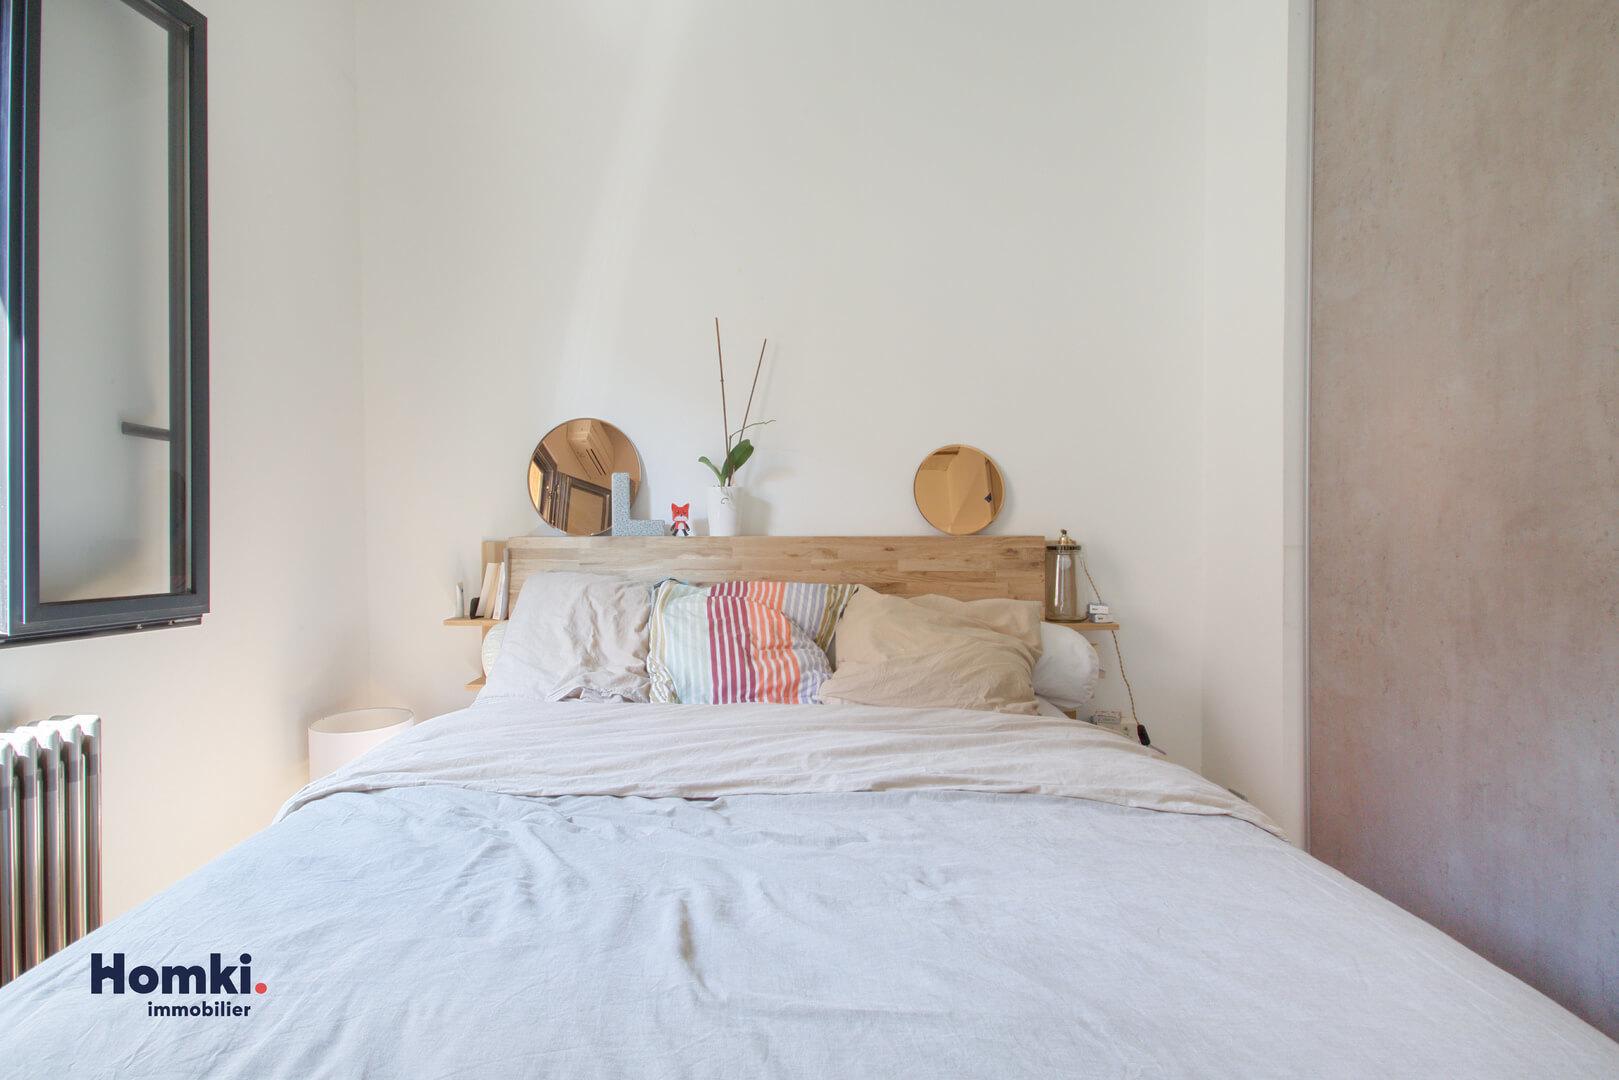 Vente maison 100 m² T4 13007_7